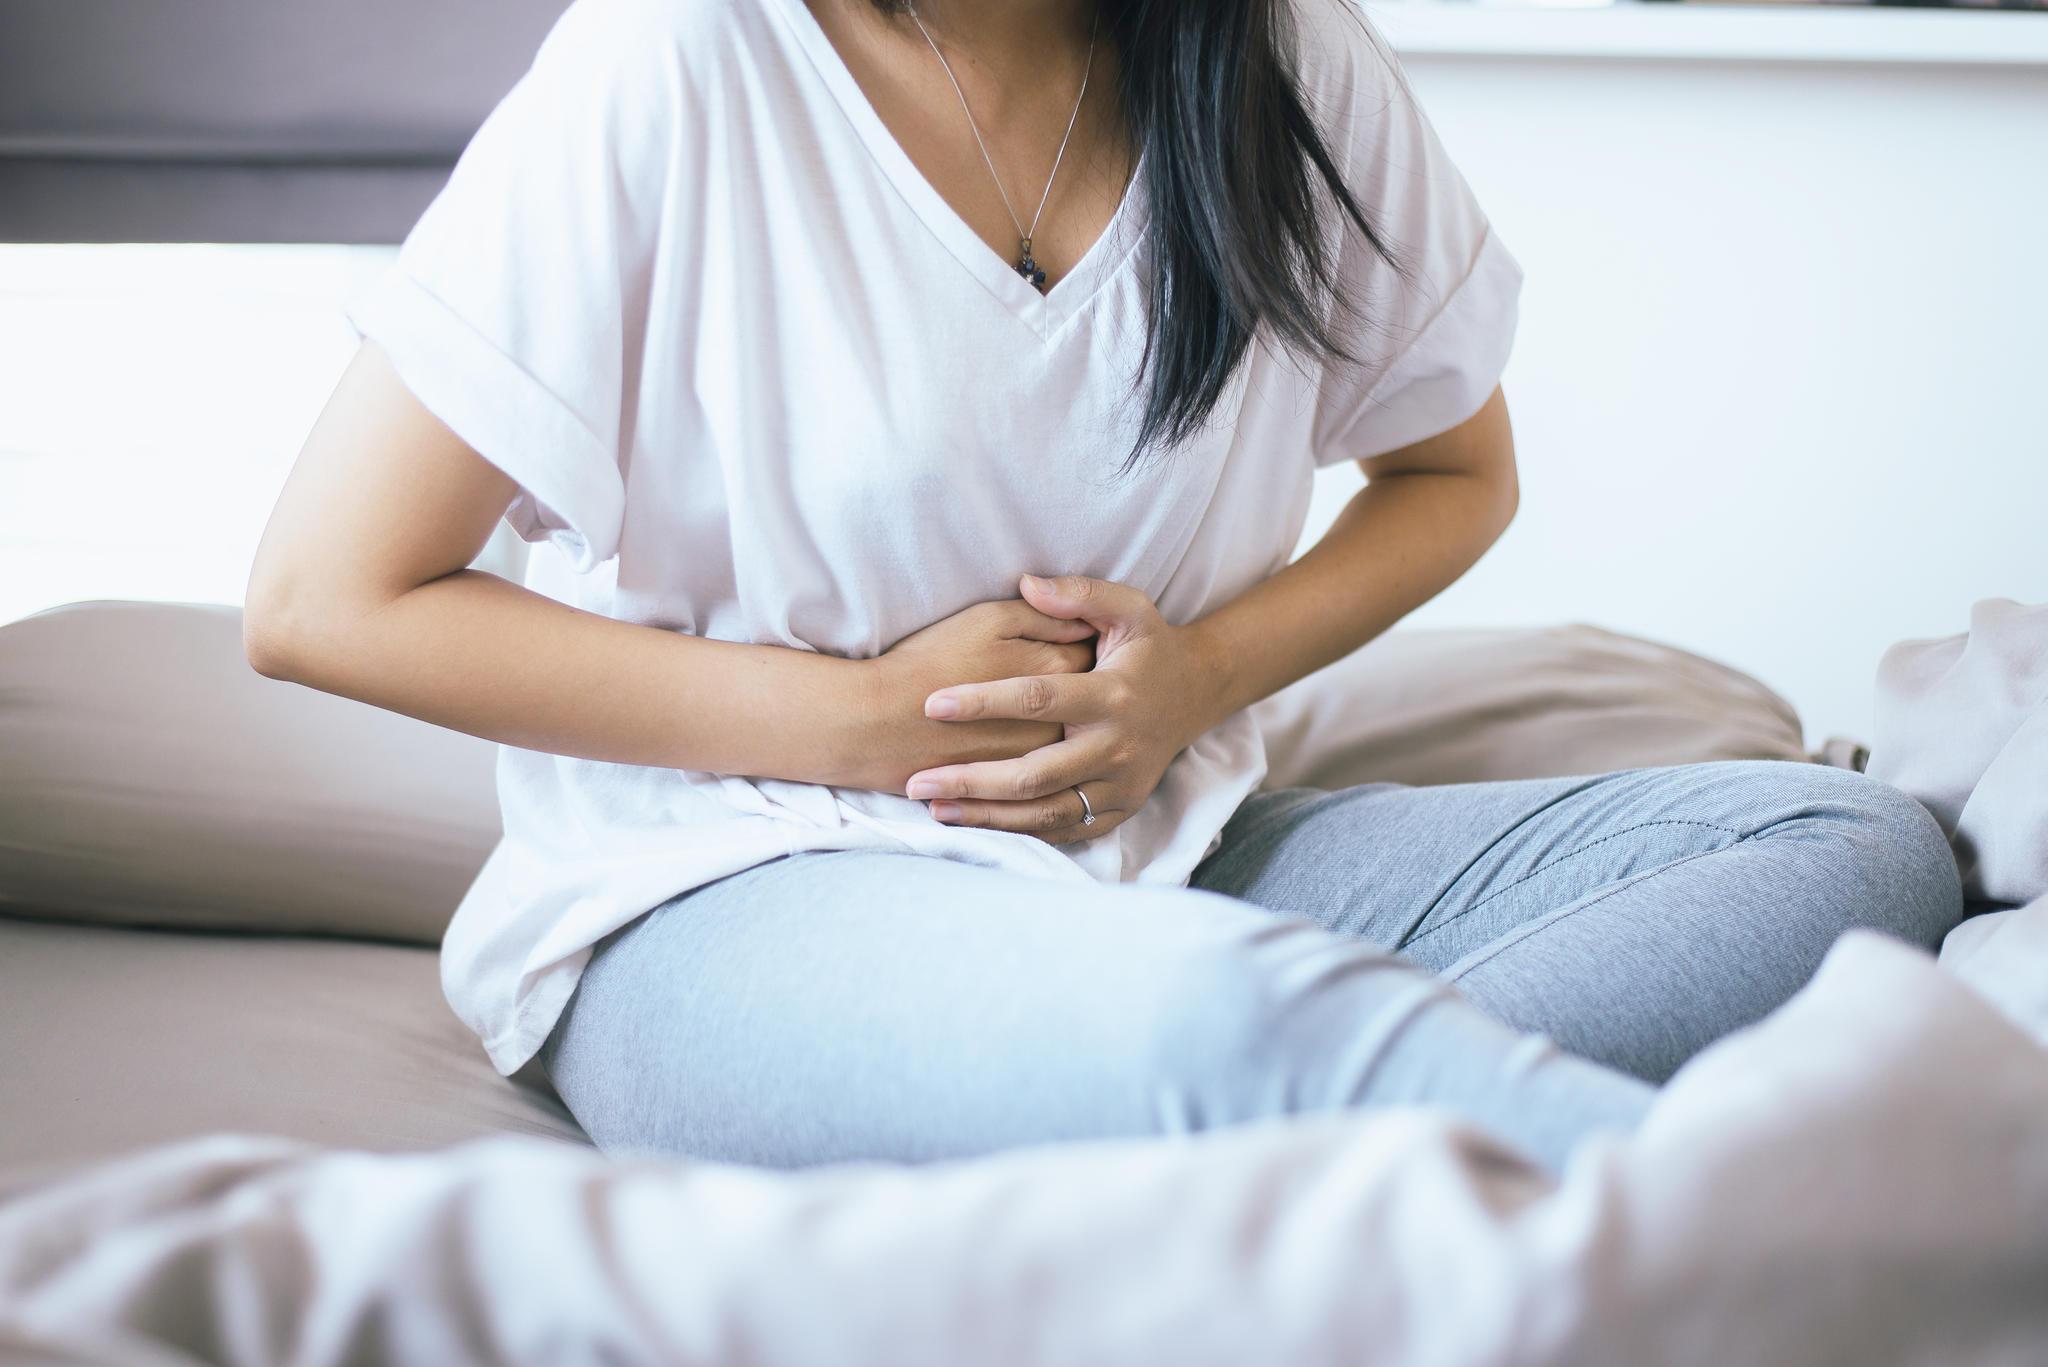 Triệu chứng viêm túi mật nguy hiểm